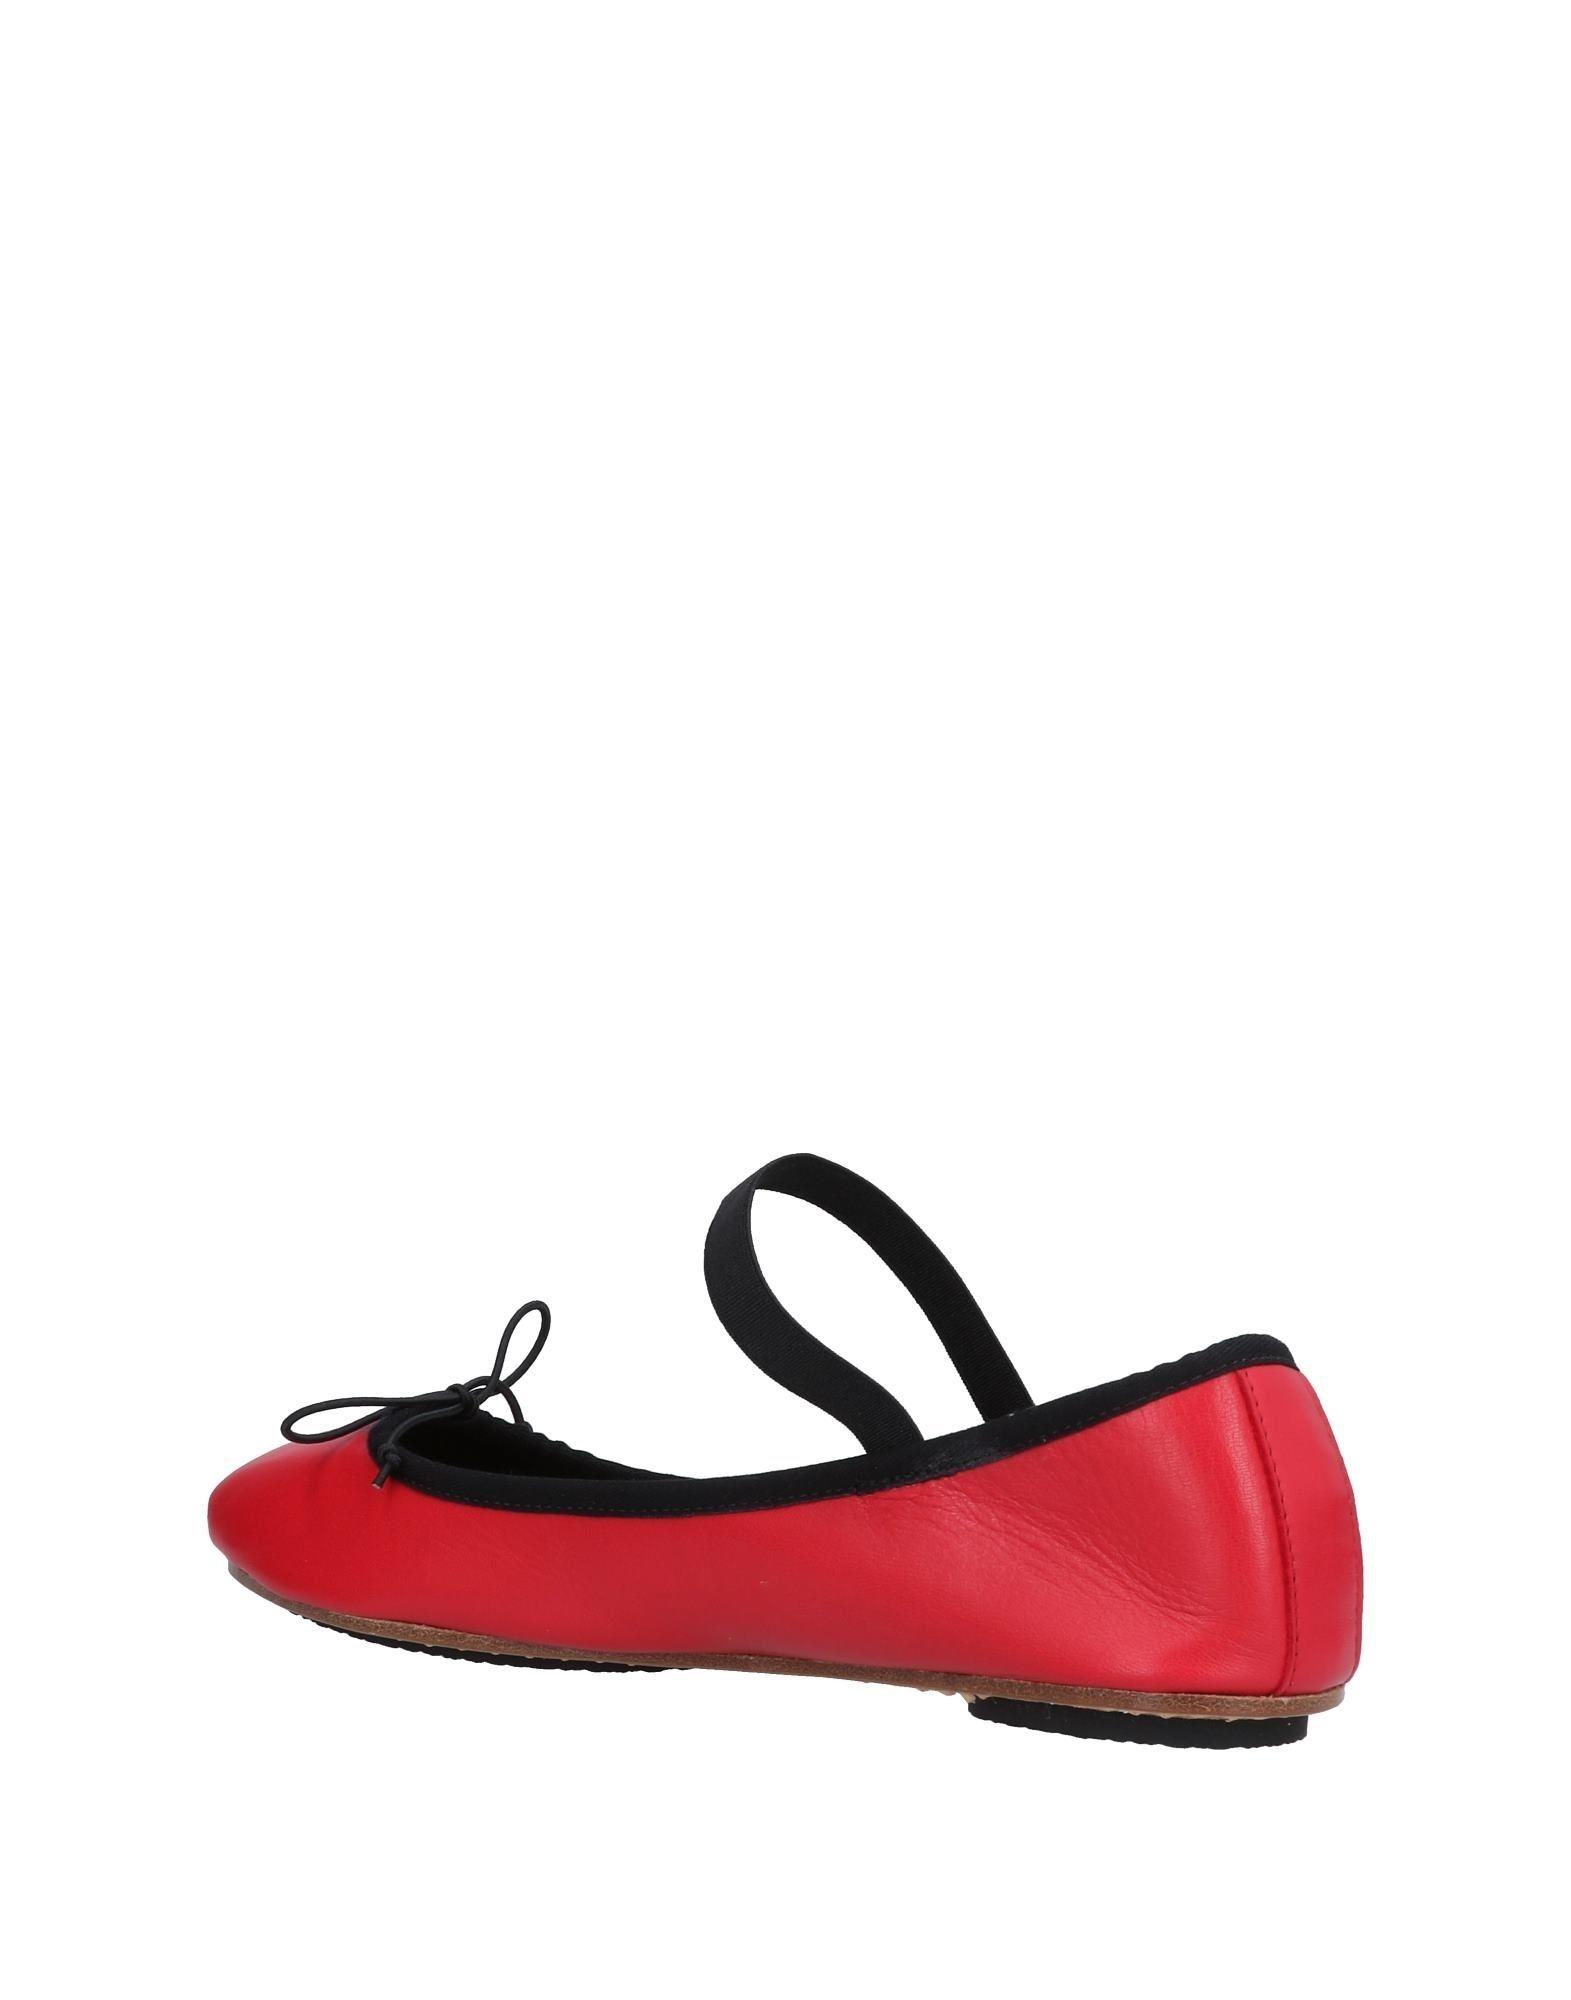 Mon Massagué Ballerinas Damen beliebte  11105472AD Gute Qualität beliebte Damen Schuhe 77787b